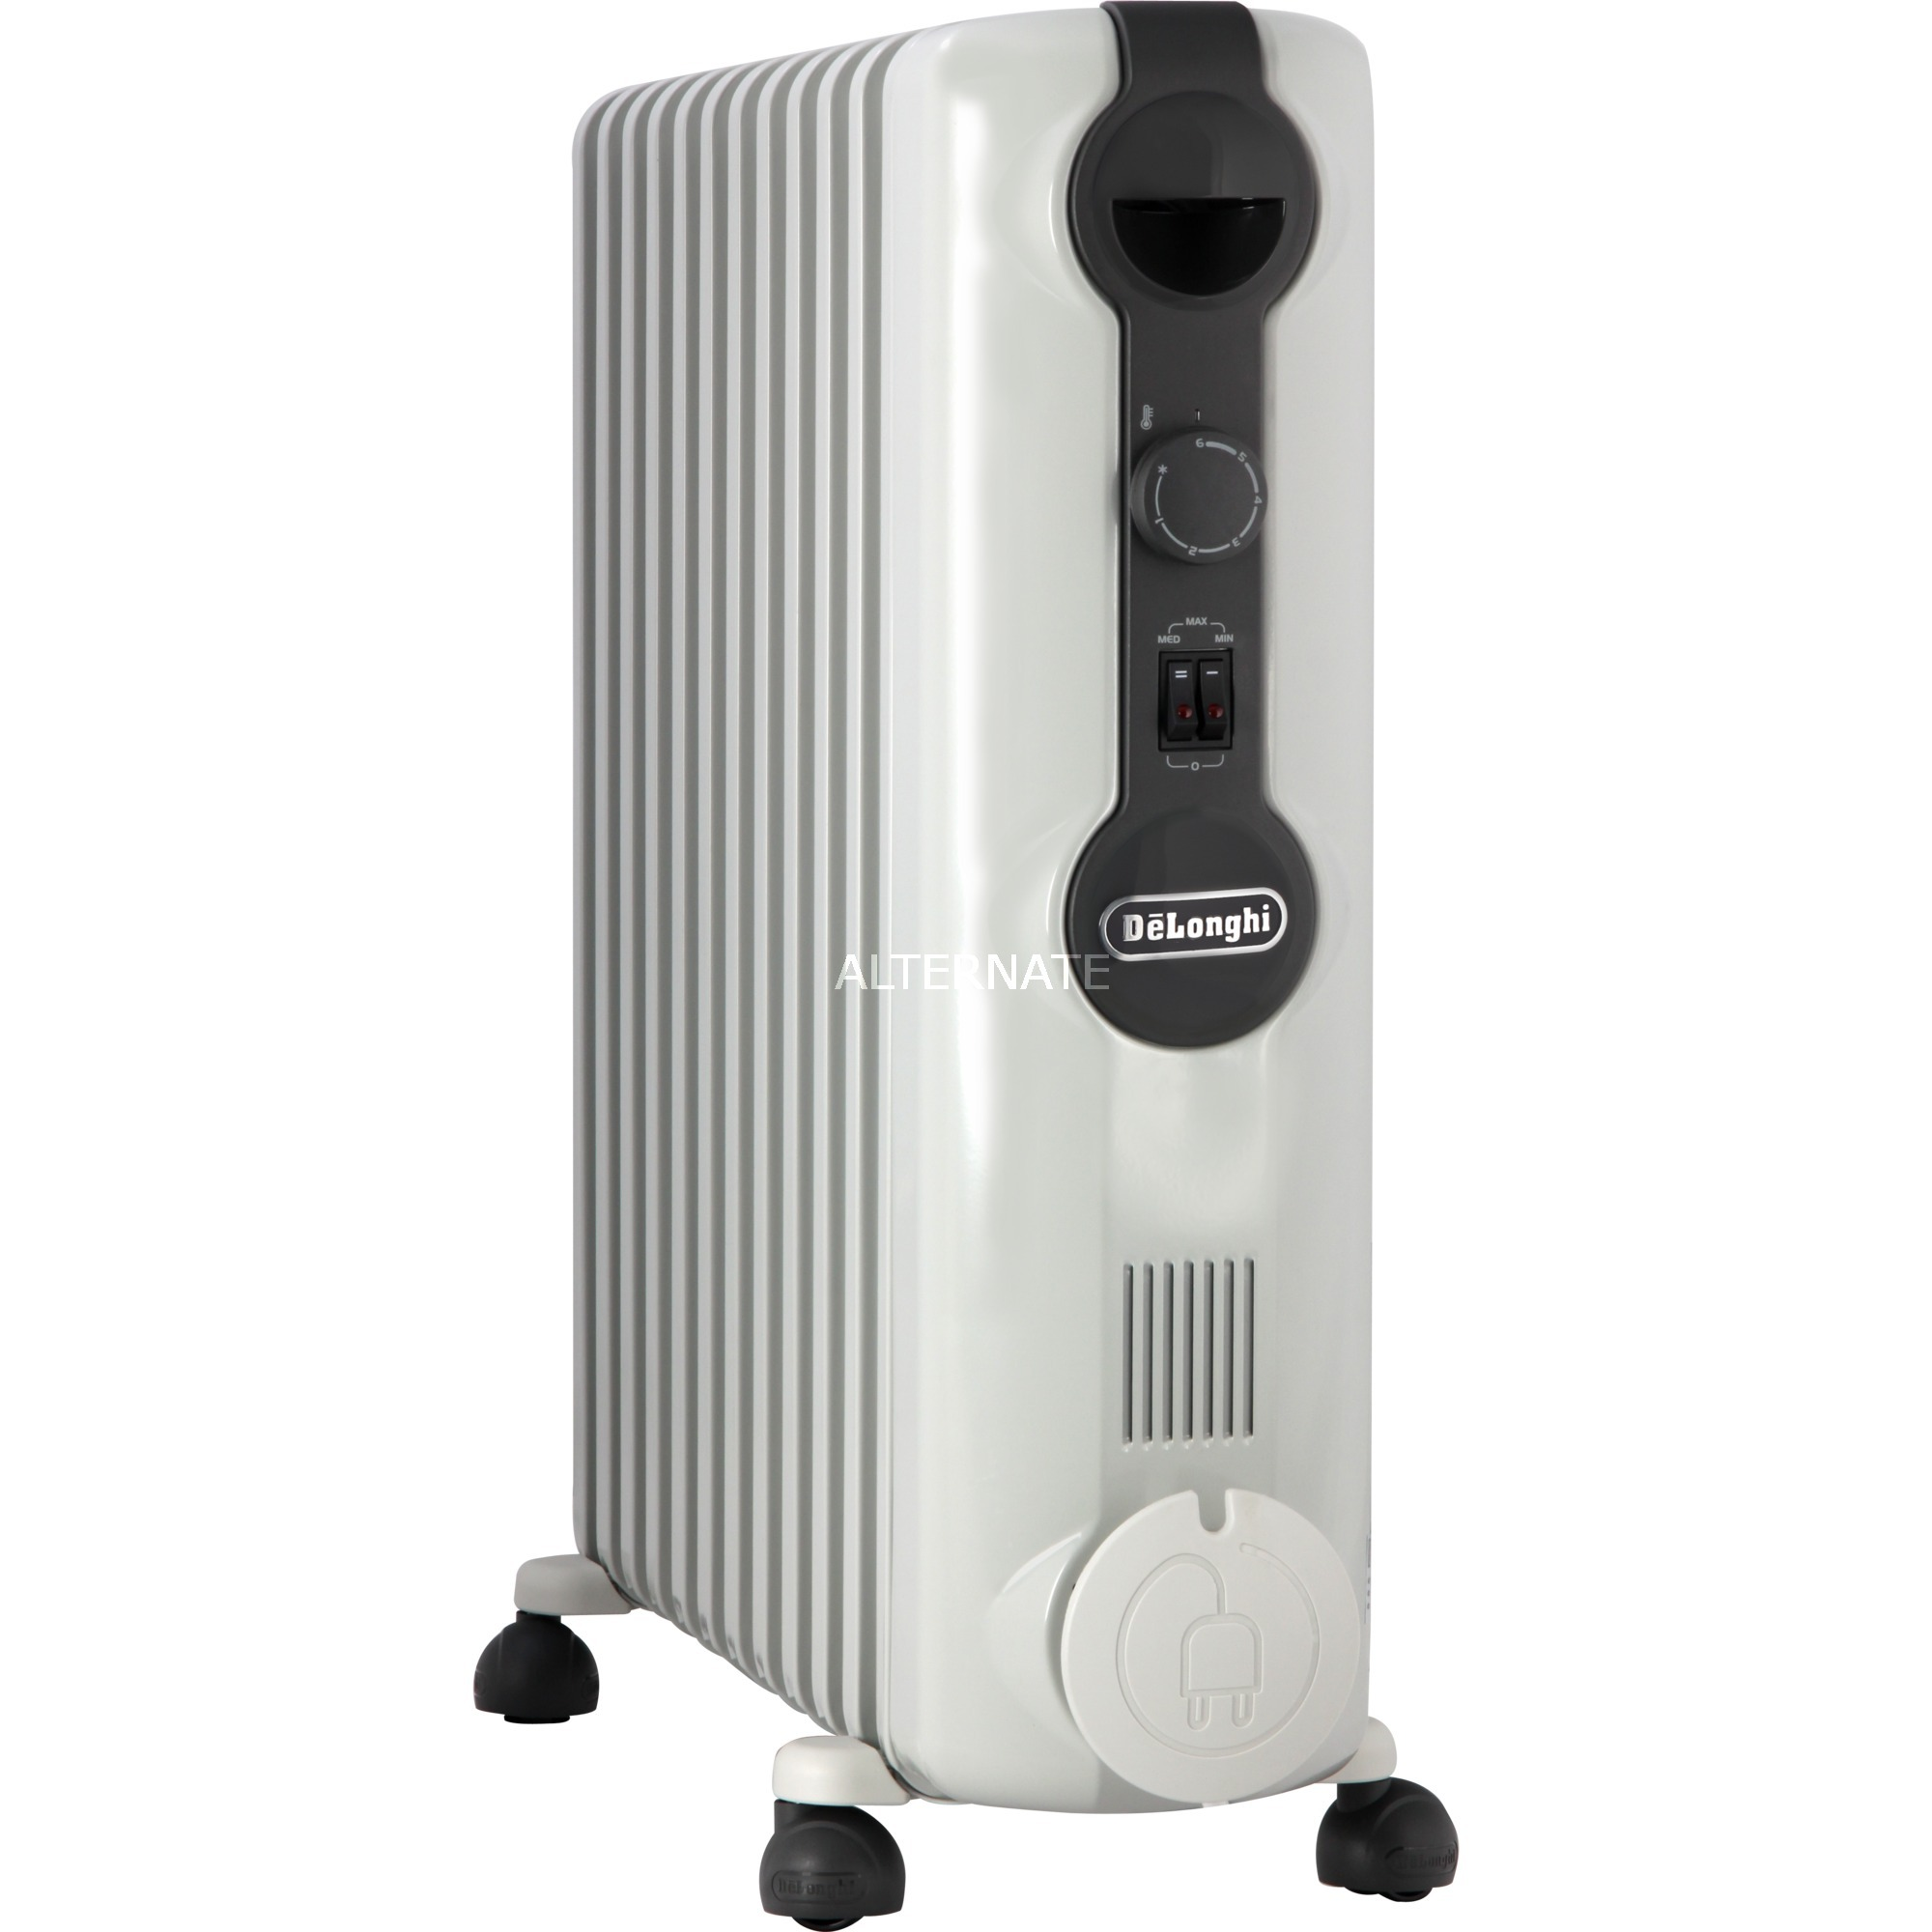 Alpatec bh 2500 radiatore bagno prezzi migliori offerte - Stufetta elettrica bagno ...